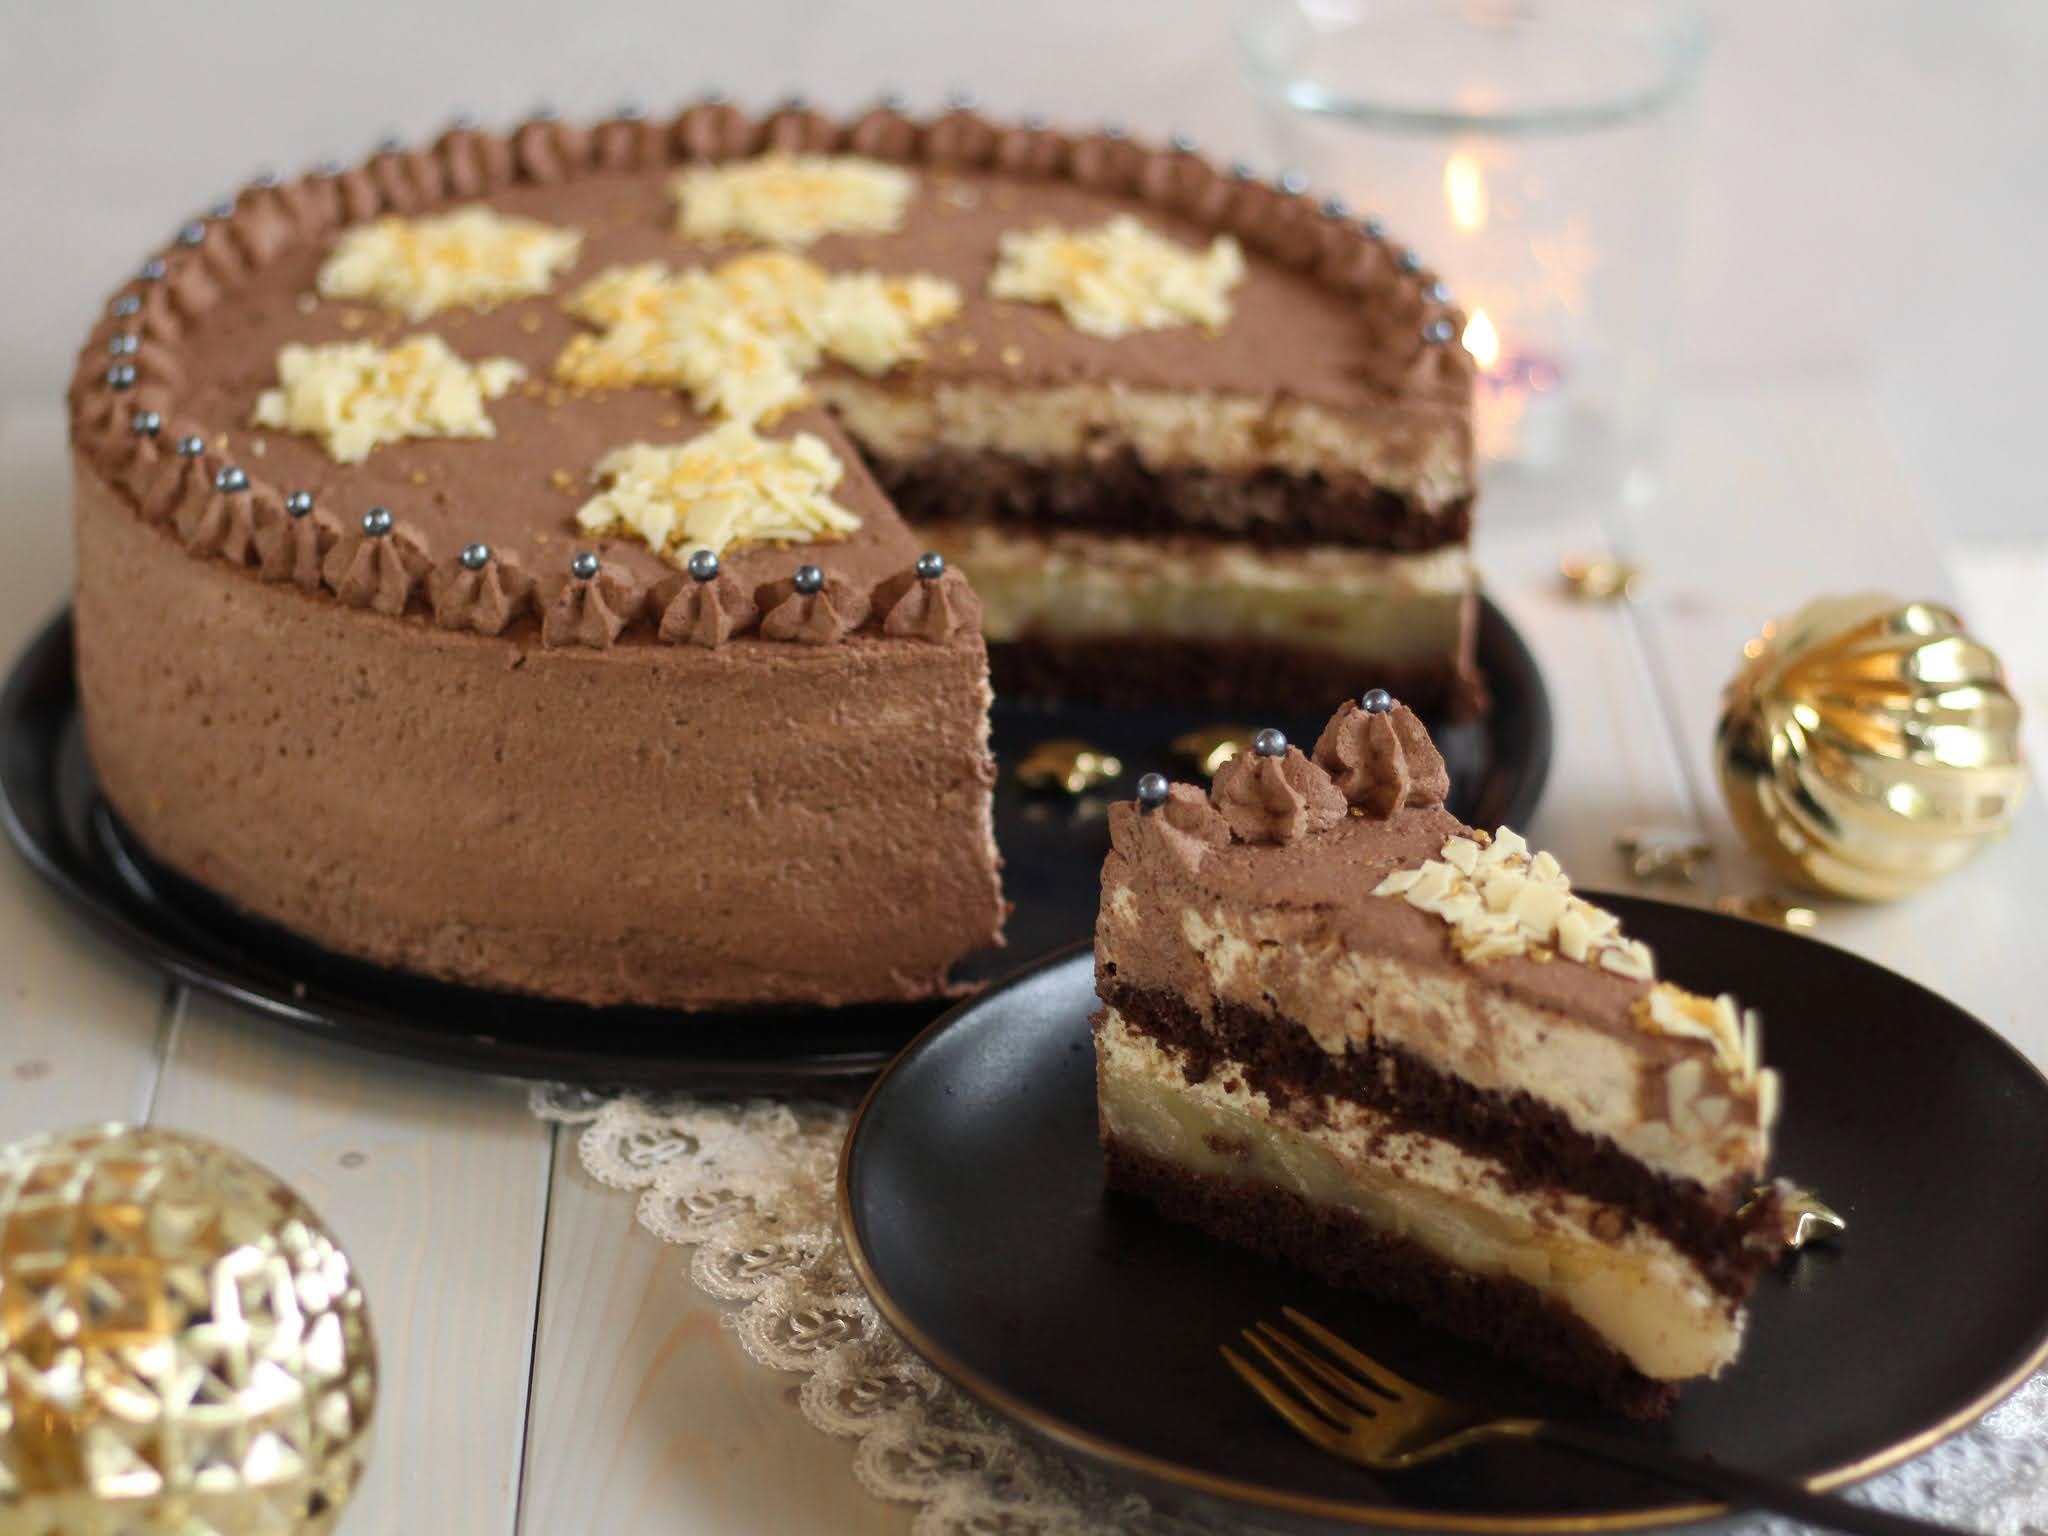 Weihnachtliche Birnen-Zimt-Torte: Die ultimative Weihnachtstorte - Rezept und Video von Sugarprincess | SCCC 2020: Türchen Nr. 6 | Gewinnspiel